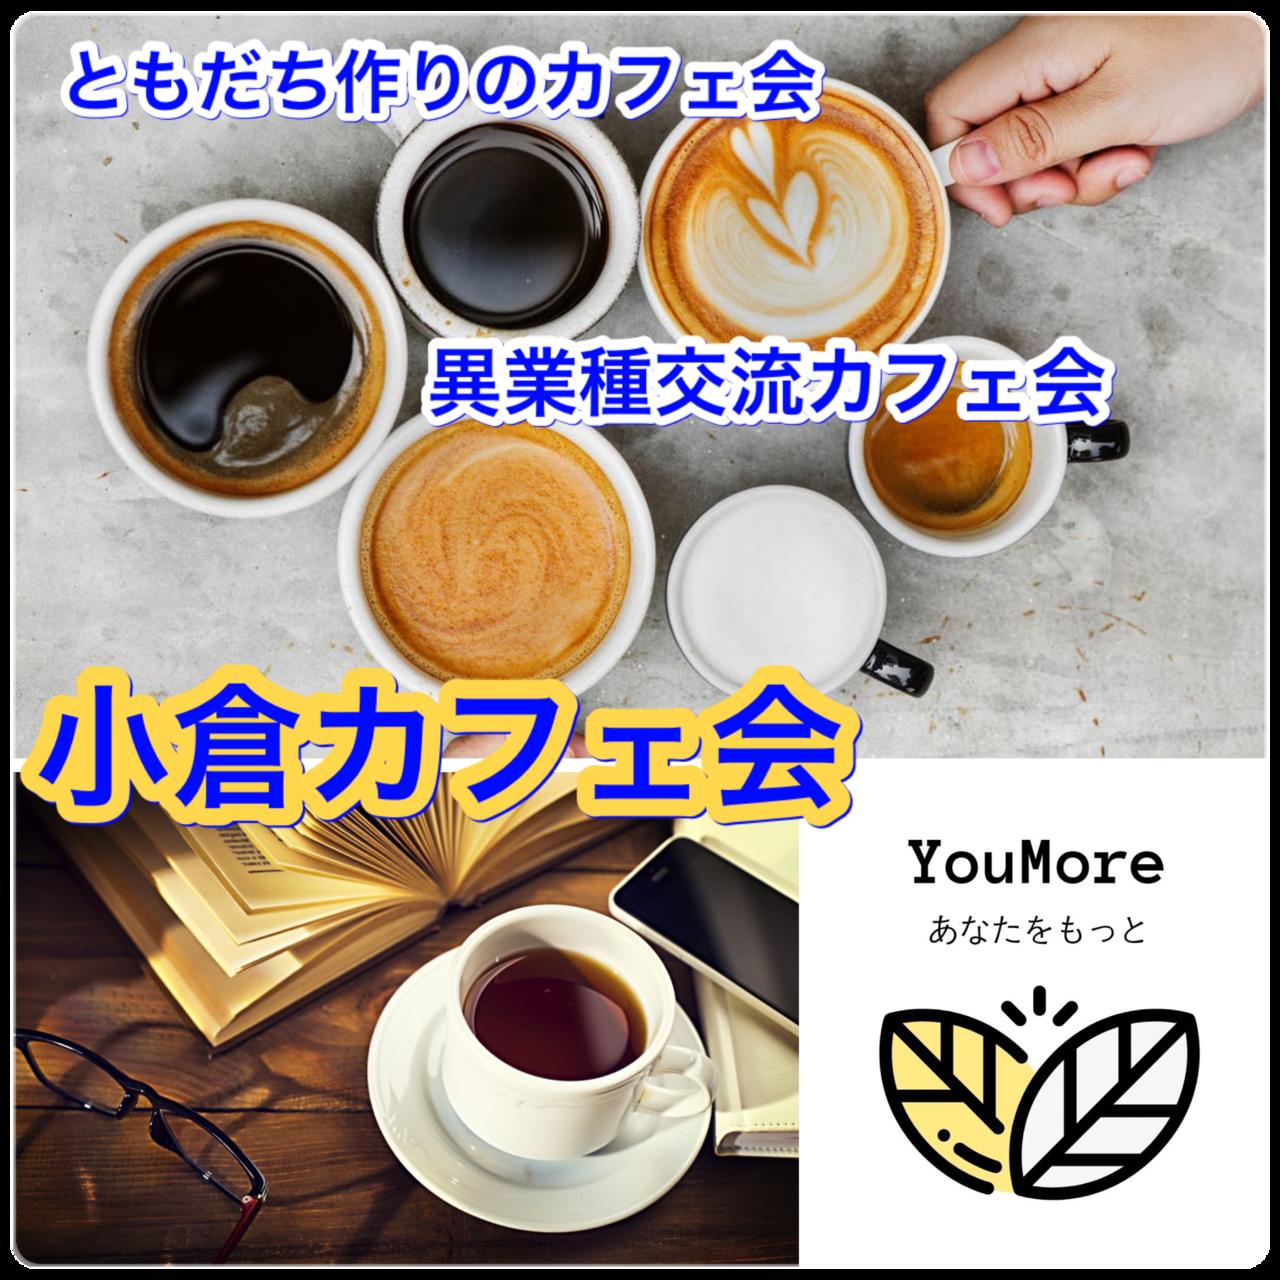 小倉カフェ会